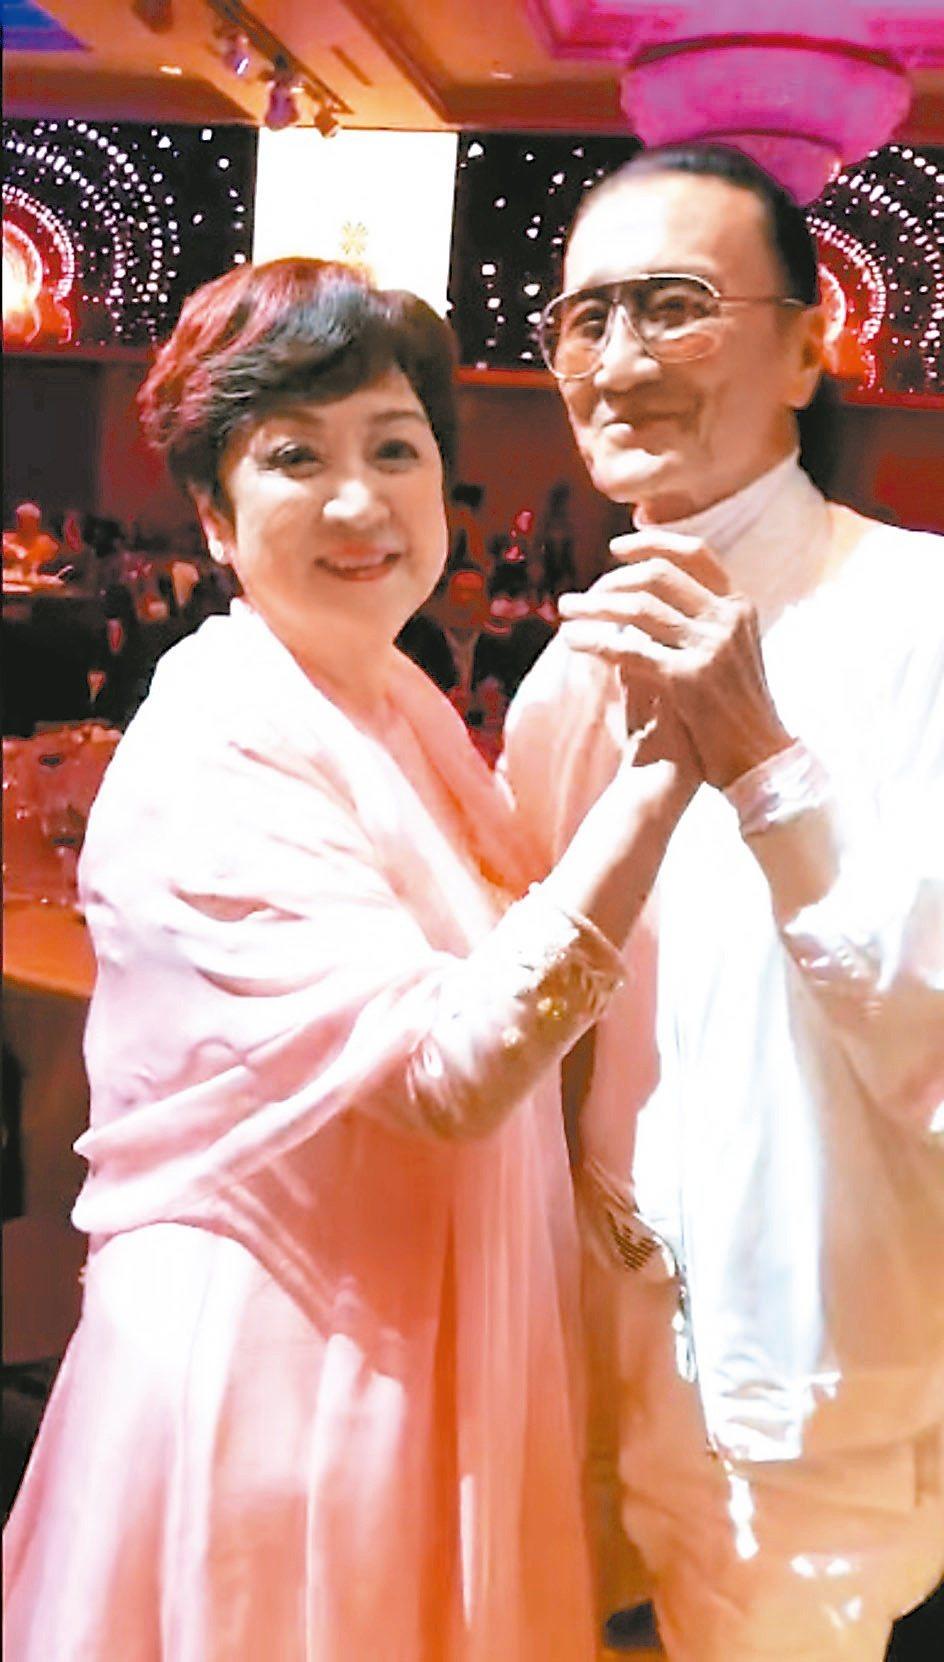 謝賢七月來台挺前妻甄珍的影展活動,那時氣色不錯,近日竟被編造假死訊。圖/摘自臉書